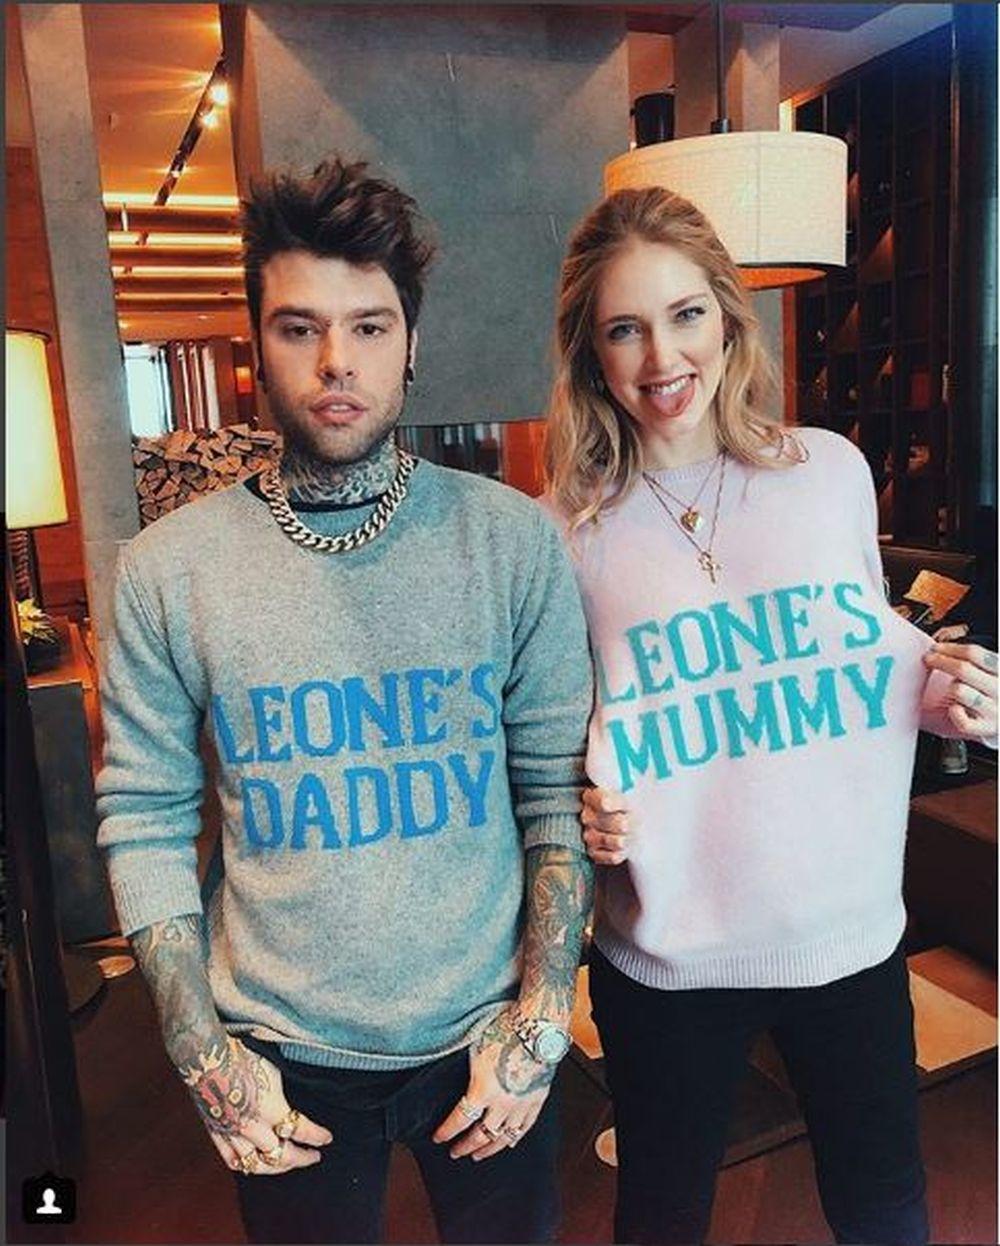 El jersey que se volverá viral de Chiara Ferragni y Fedez